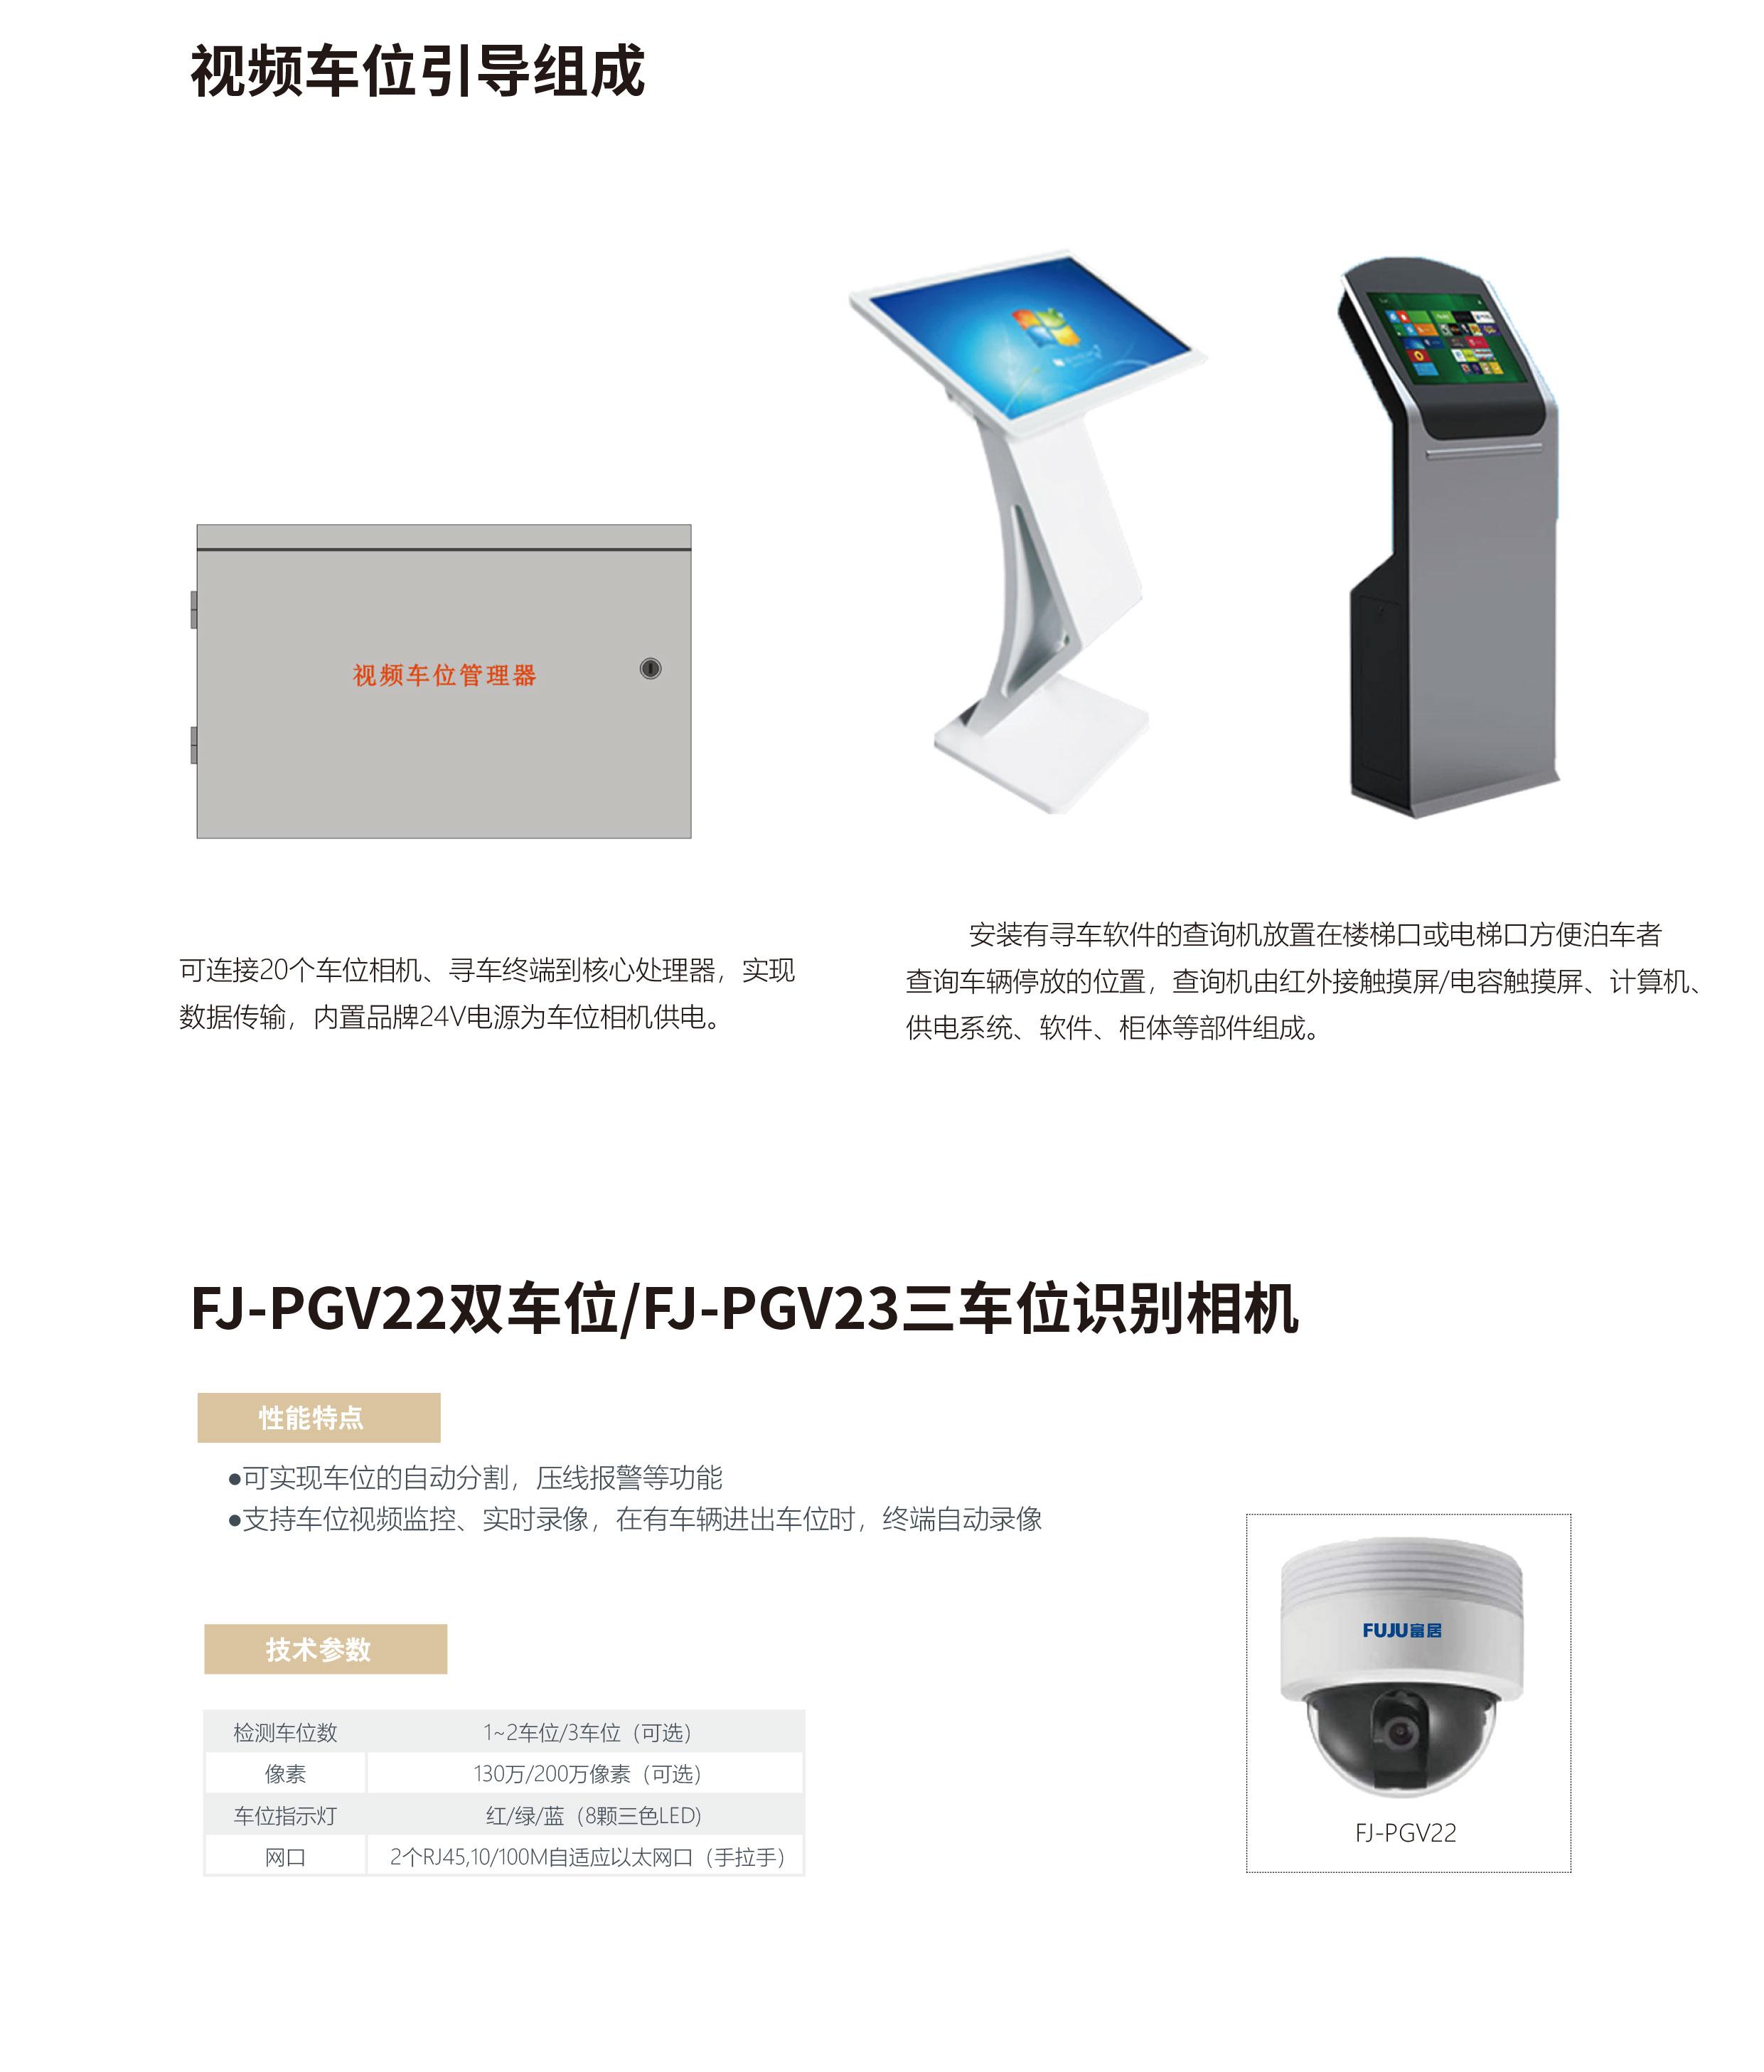 杭州富居数码科技有限公司最终稿-20_02.jpg